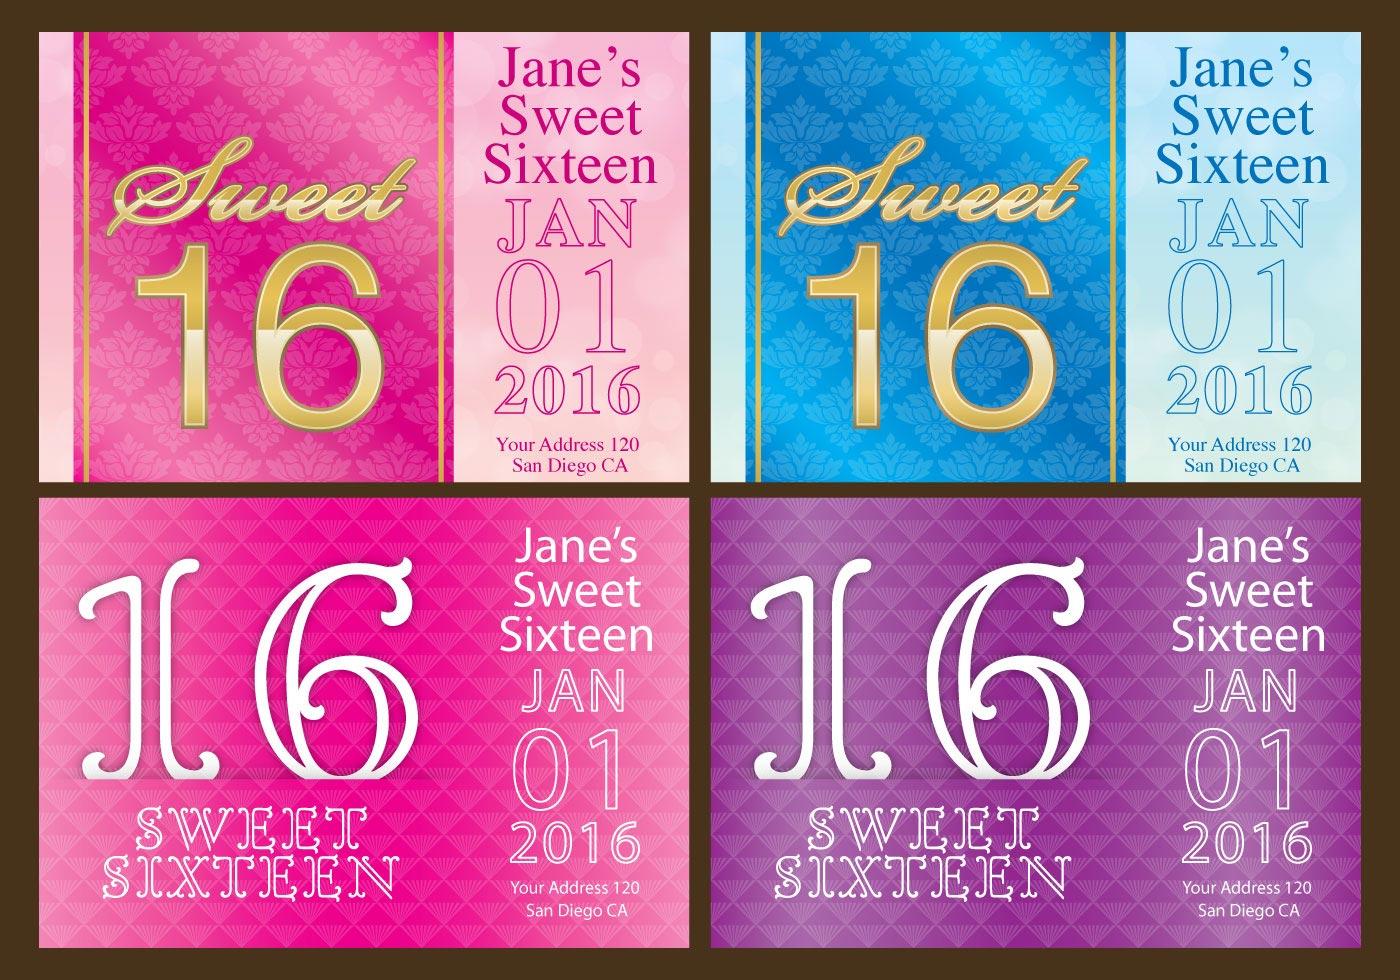 Sweet 16 Flyers - Download Free Vector Art, Stock Graphics ...